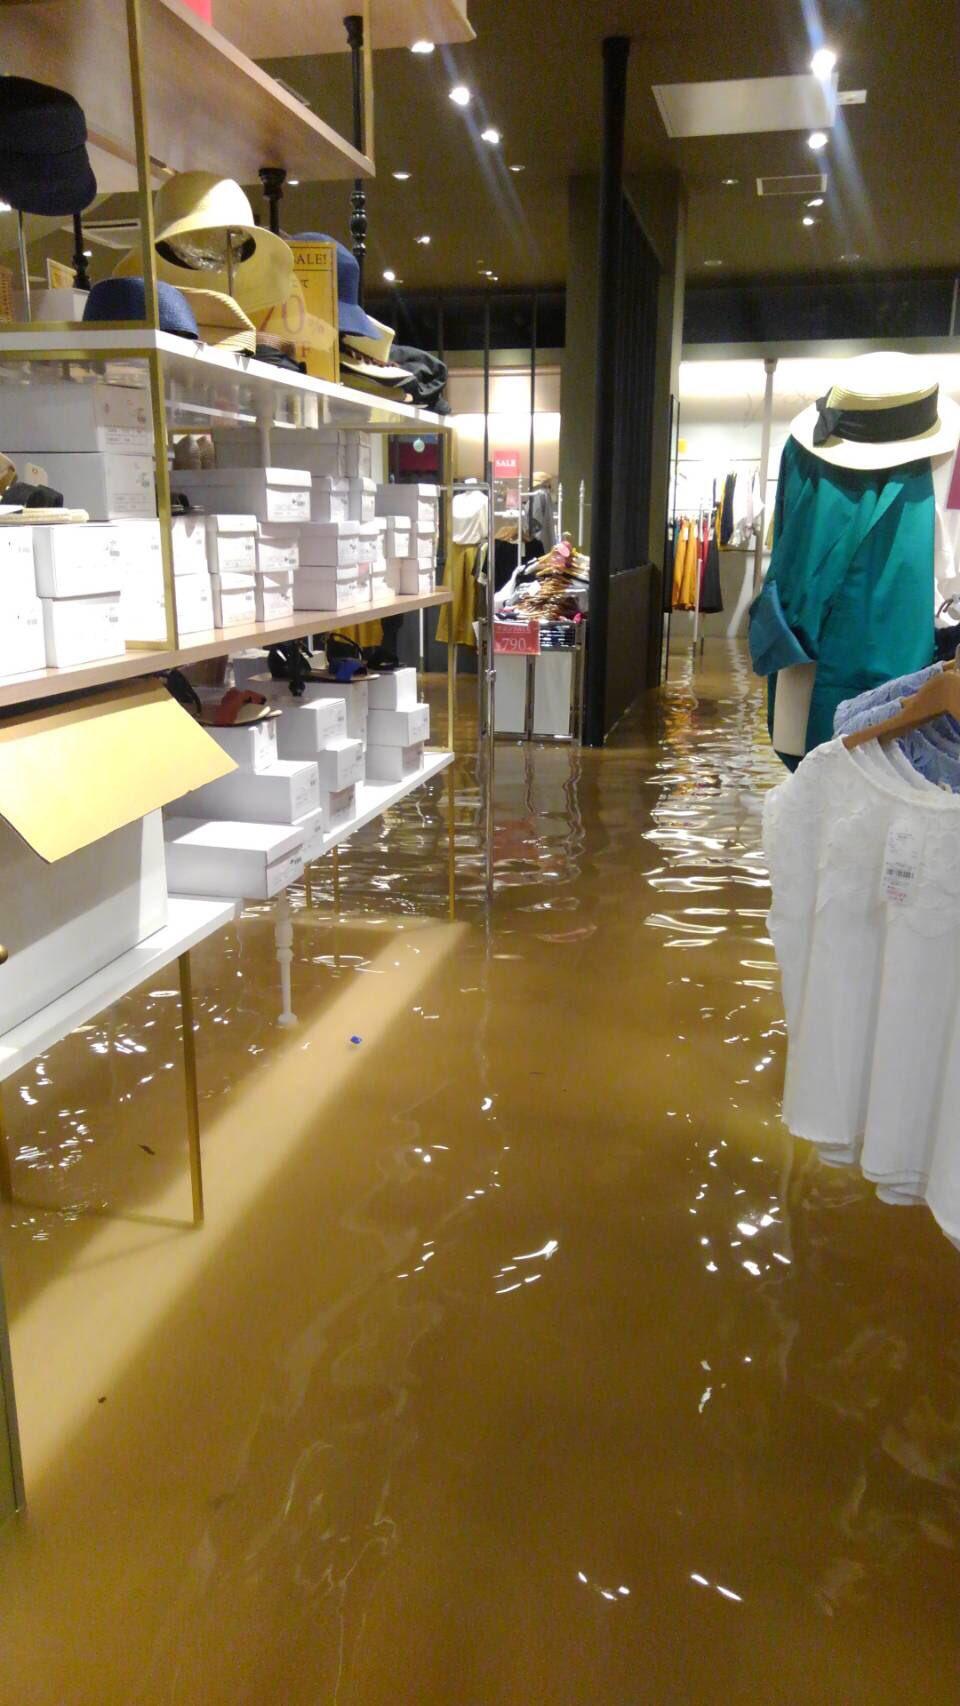 画像,お姉ちゃんから送られてきたけど小郡イオン浸水しとるらしい、、、これやばくない? https://t.co/E0bGGXxBHq…